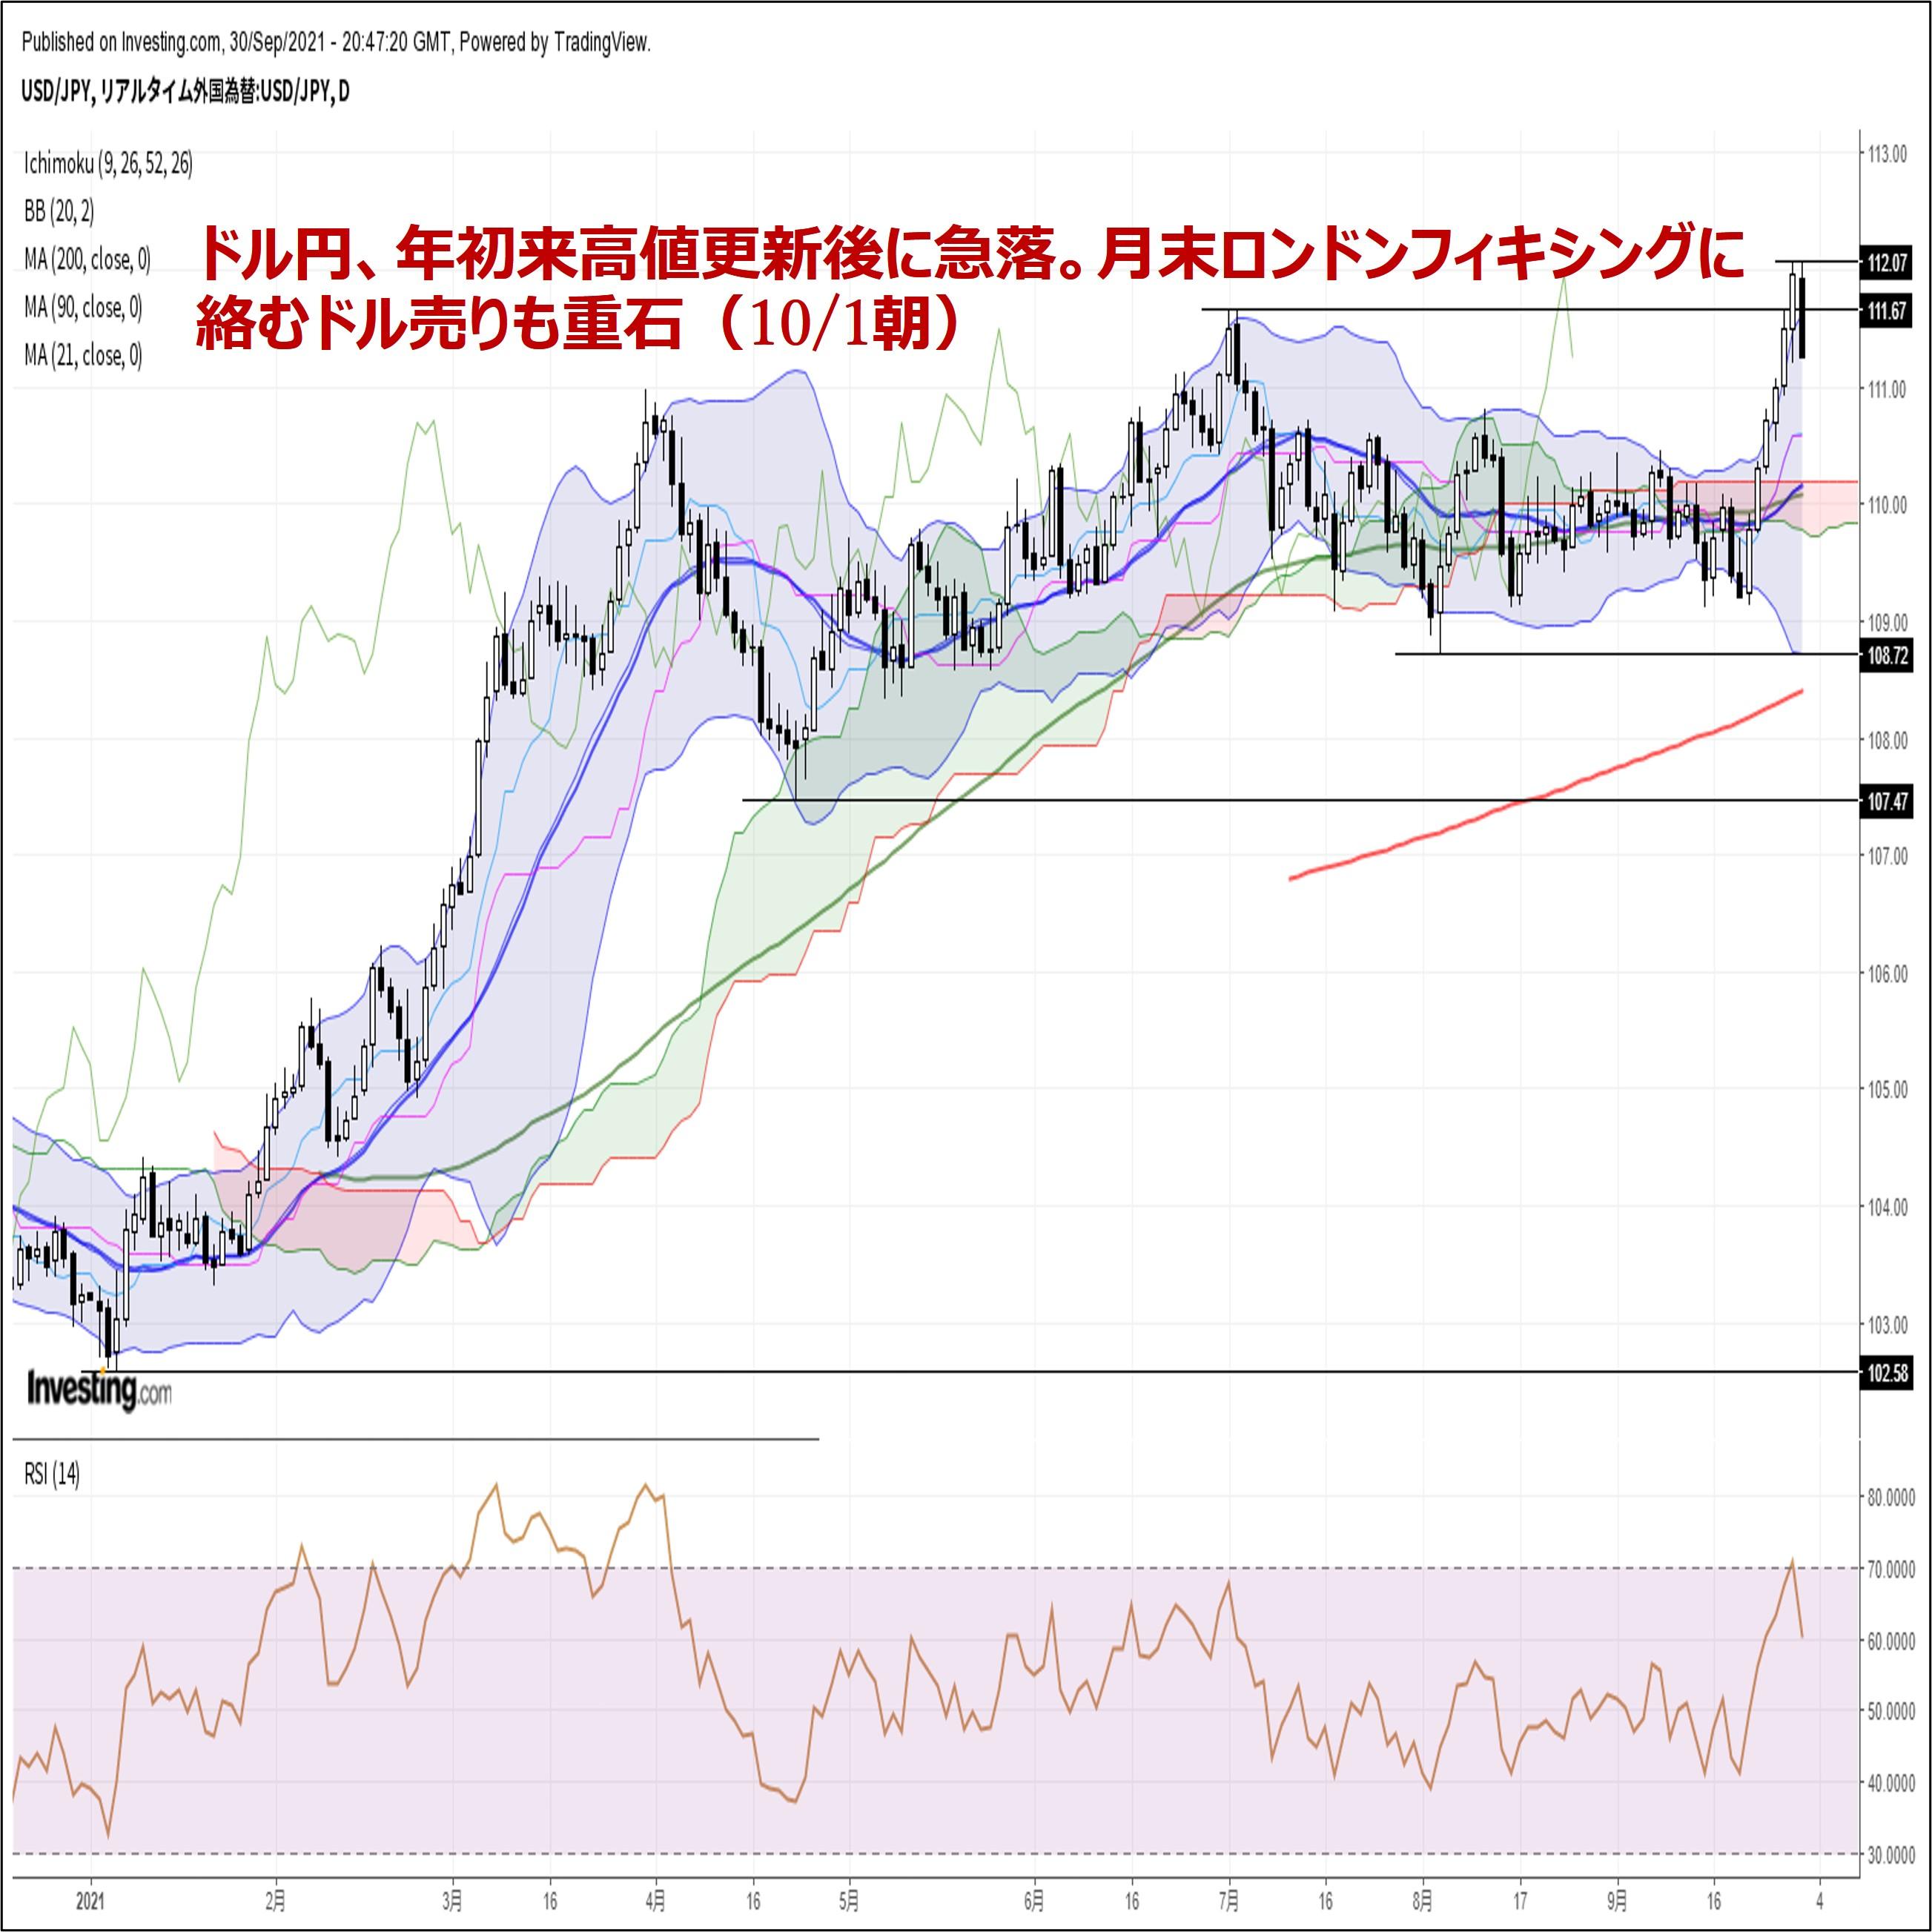 ドル円、年初来高値更新後に急落。月末ロンドンフィキシングに絡むドル売りも重石(10/1朝)